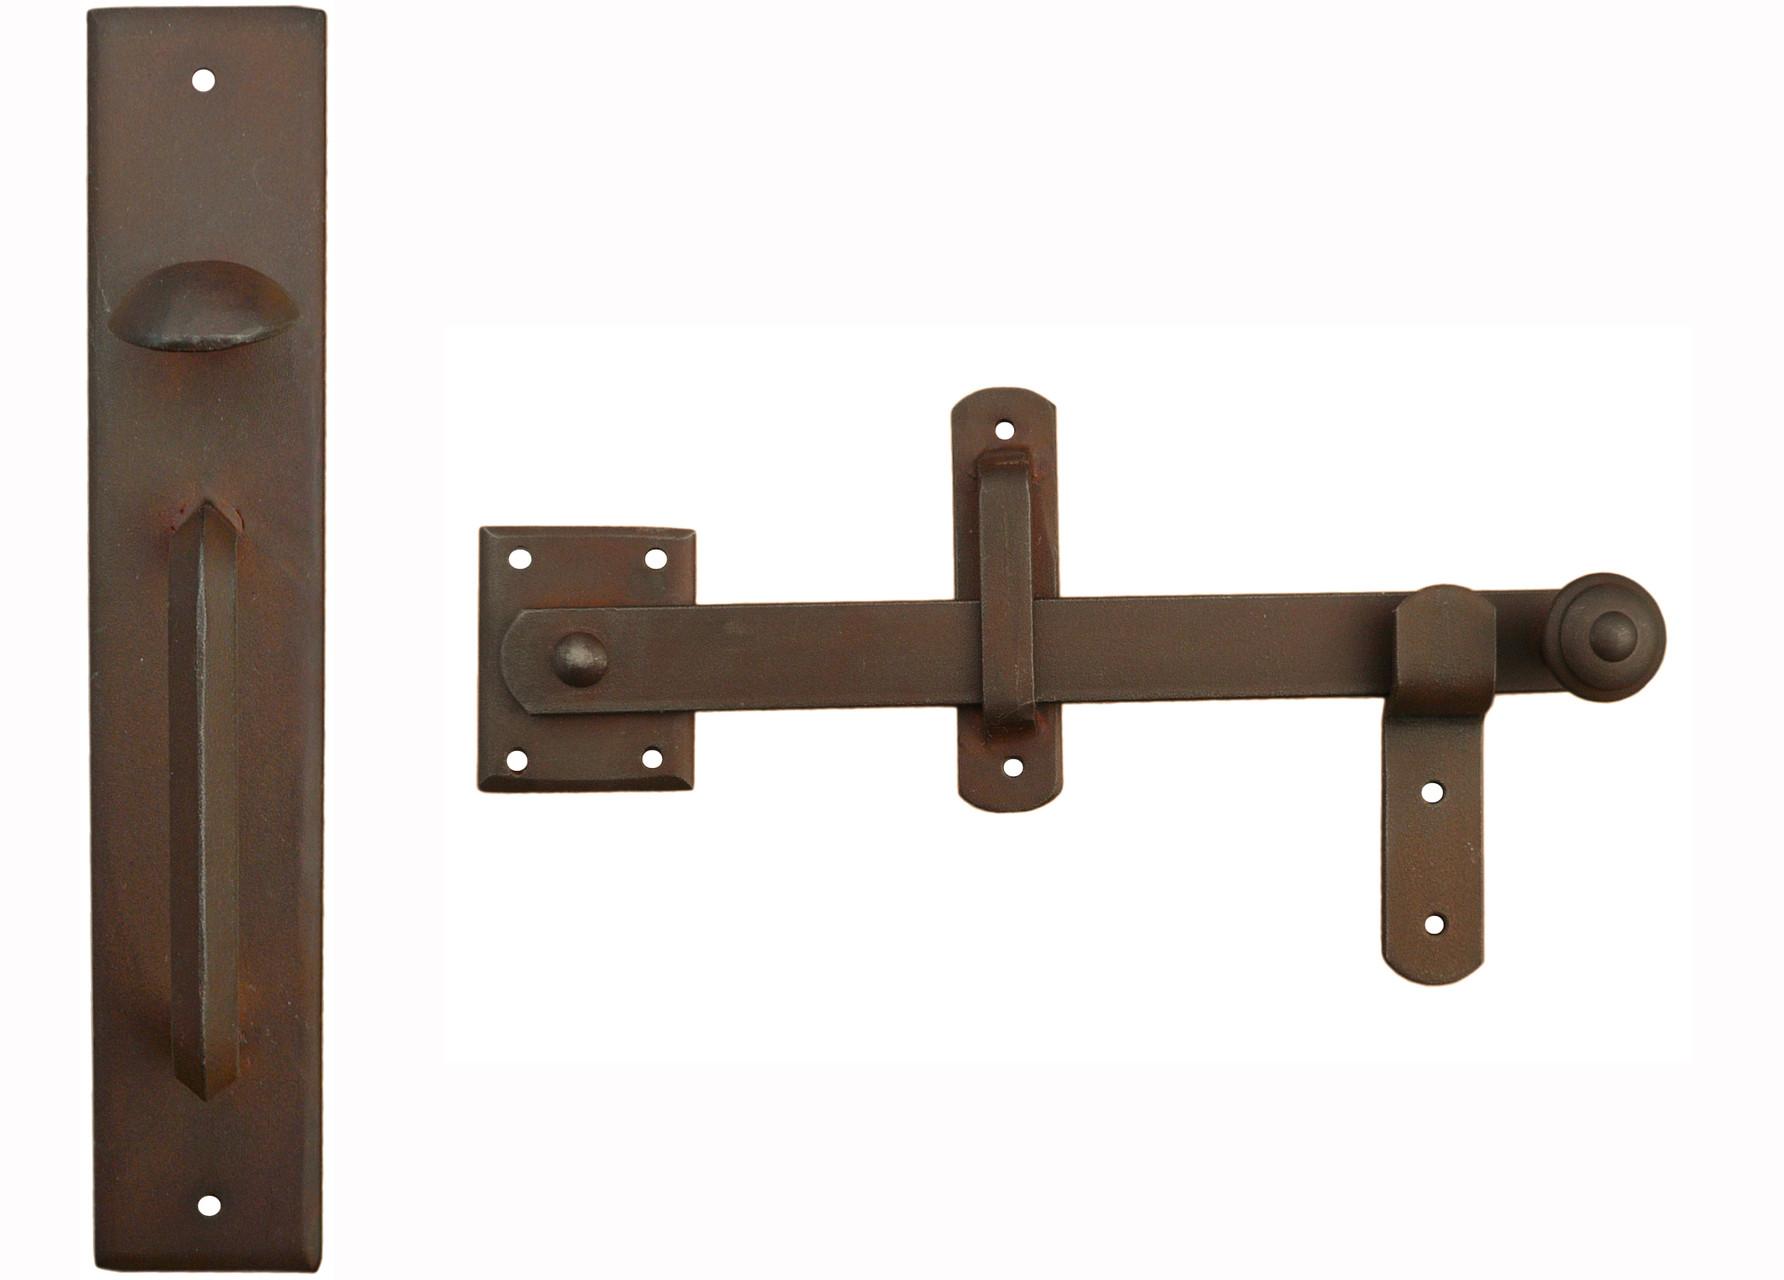 fallriegel t r riegel set antik beschl ge und schmiedeeisen beschl ge. Black Bedroom Furniture Sets. Home Design Ideas